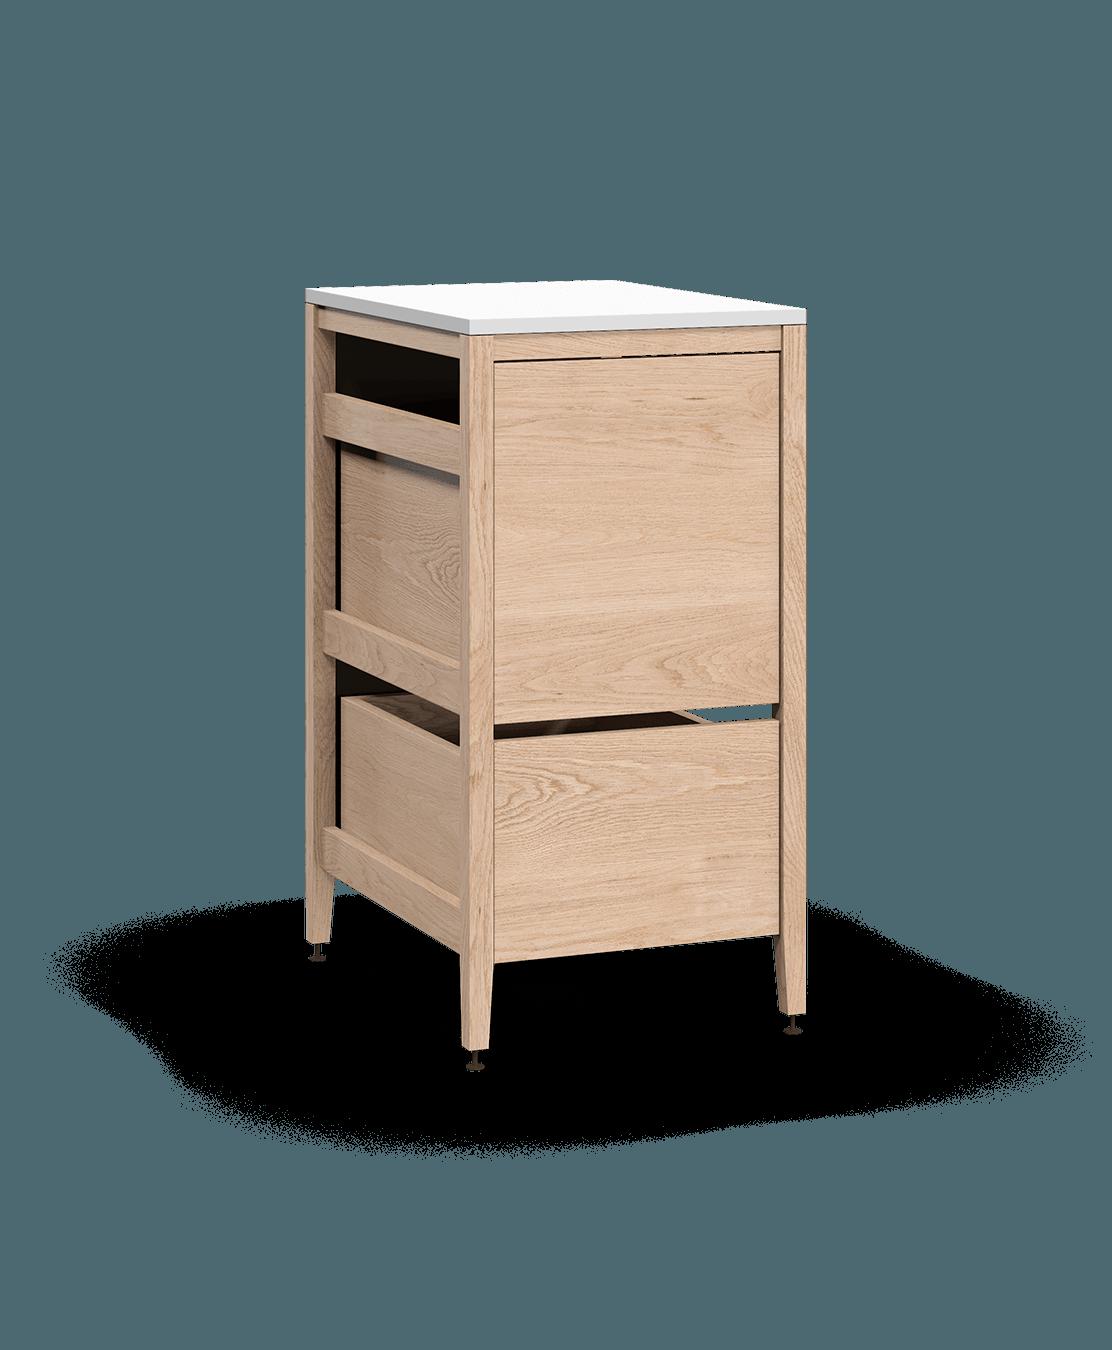 armoire de cuisine modulaire poubelle en bois massif coquo radix avec 1 tiroir 2 bacs chêne blanc 18 pouces C1-CTR-18TB-2001-NA